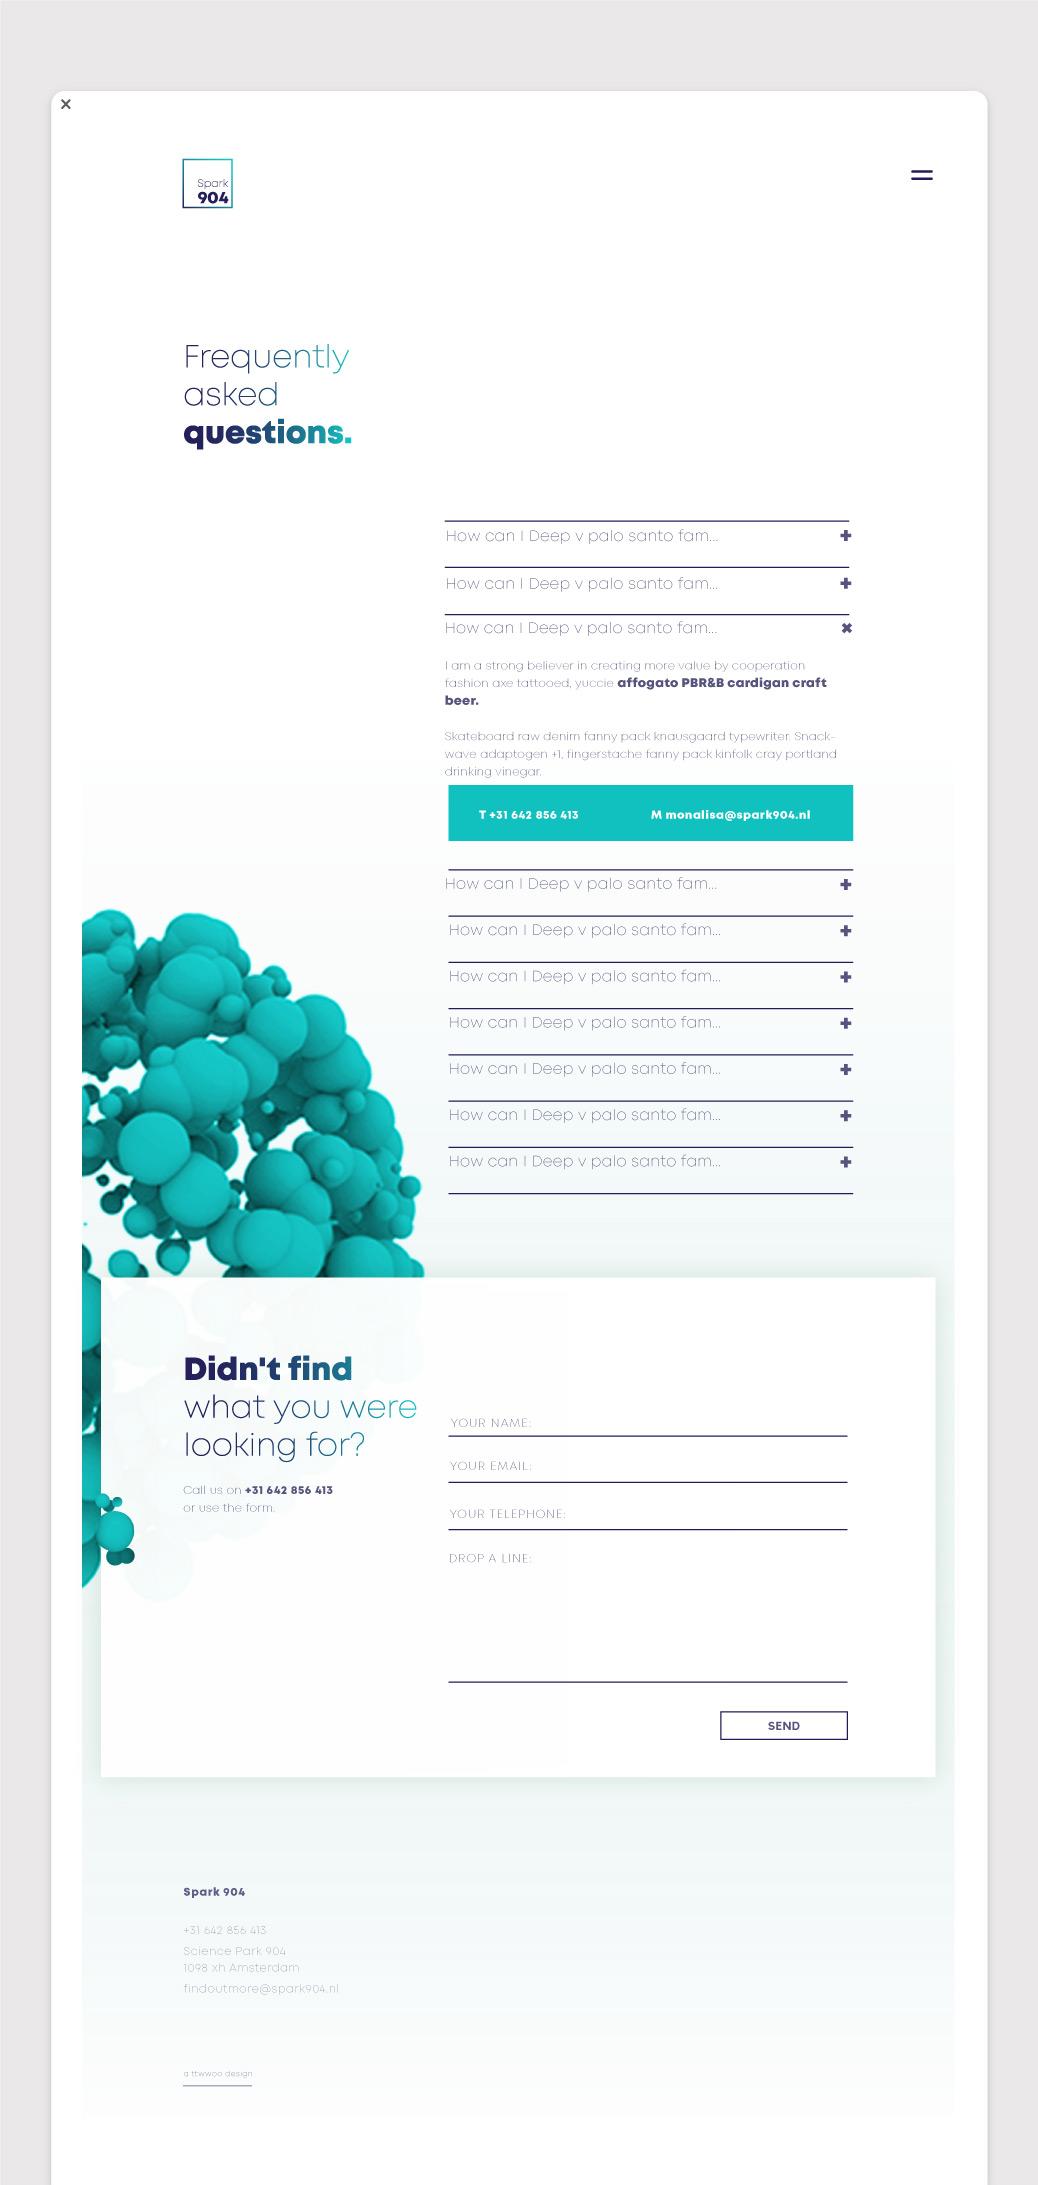 webdesign spark 904 FAQ ontwerp